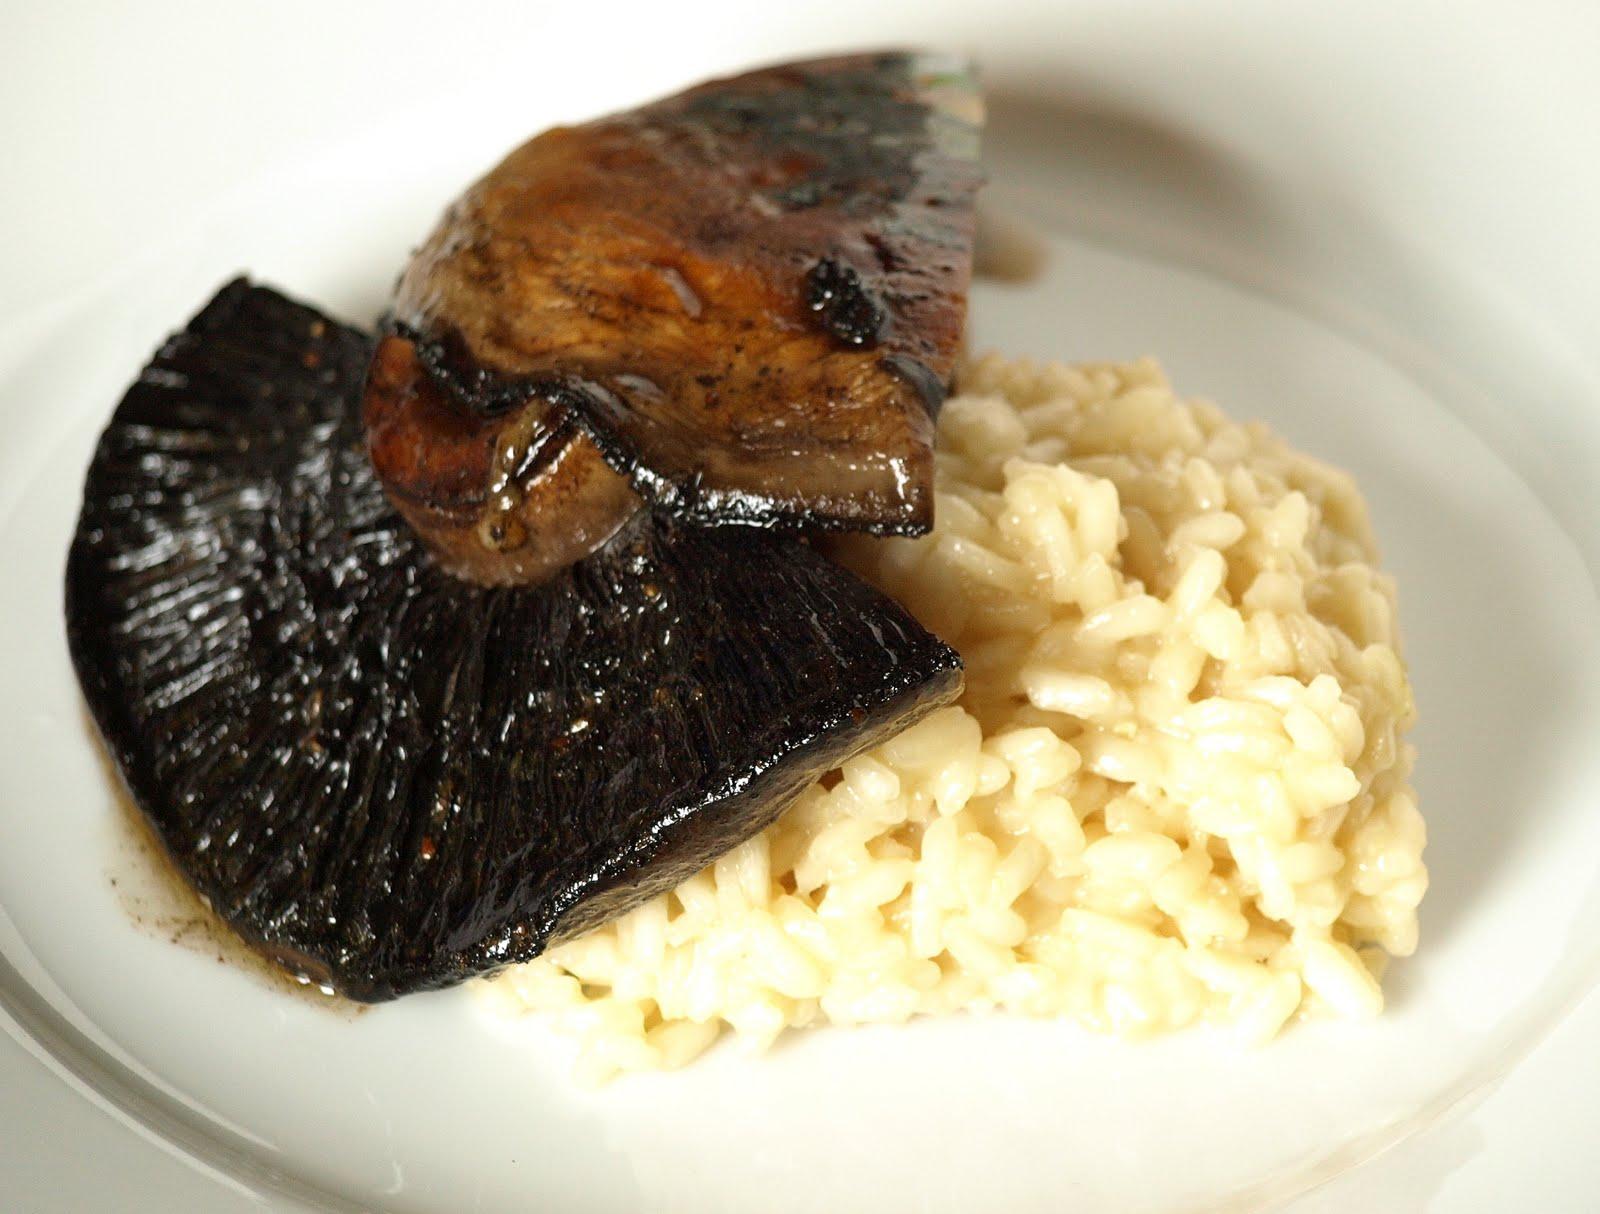 Žiony portobello se dají jíst i s lehce bolavou pusou marcel se